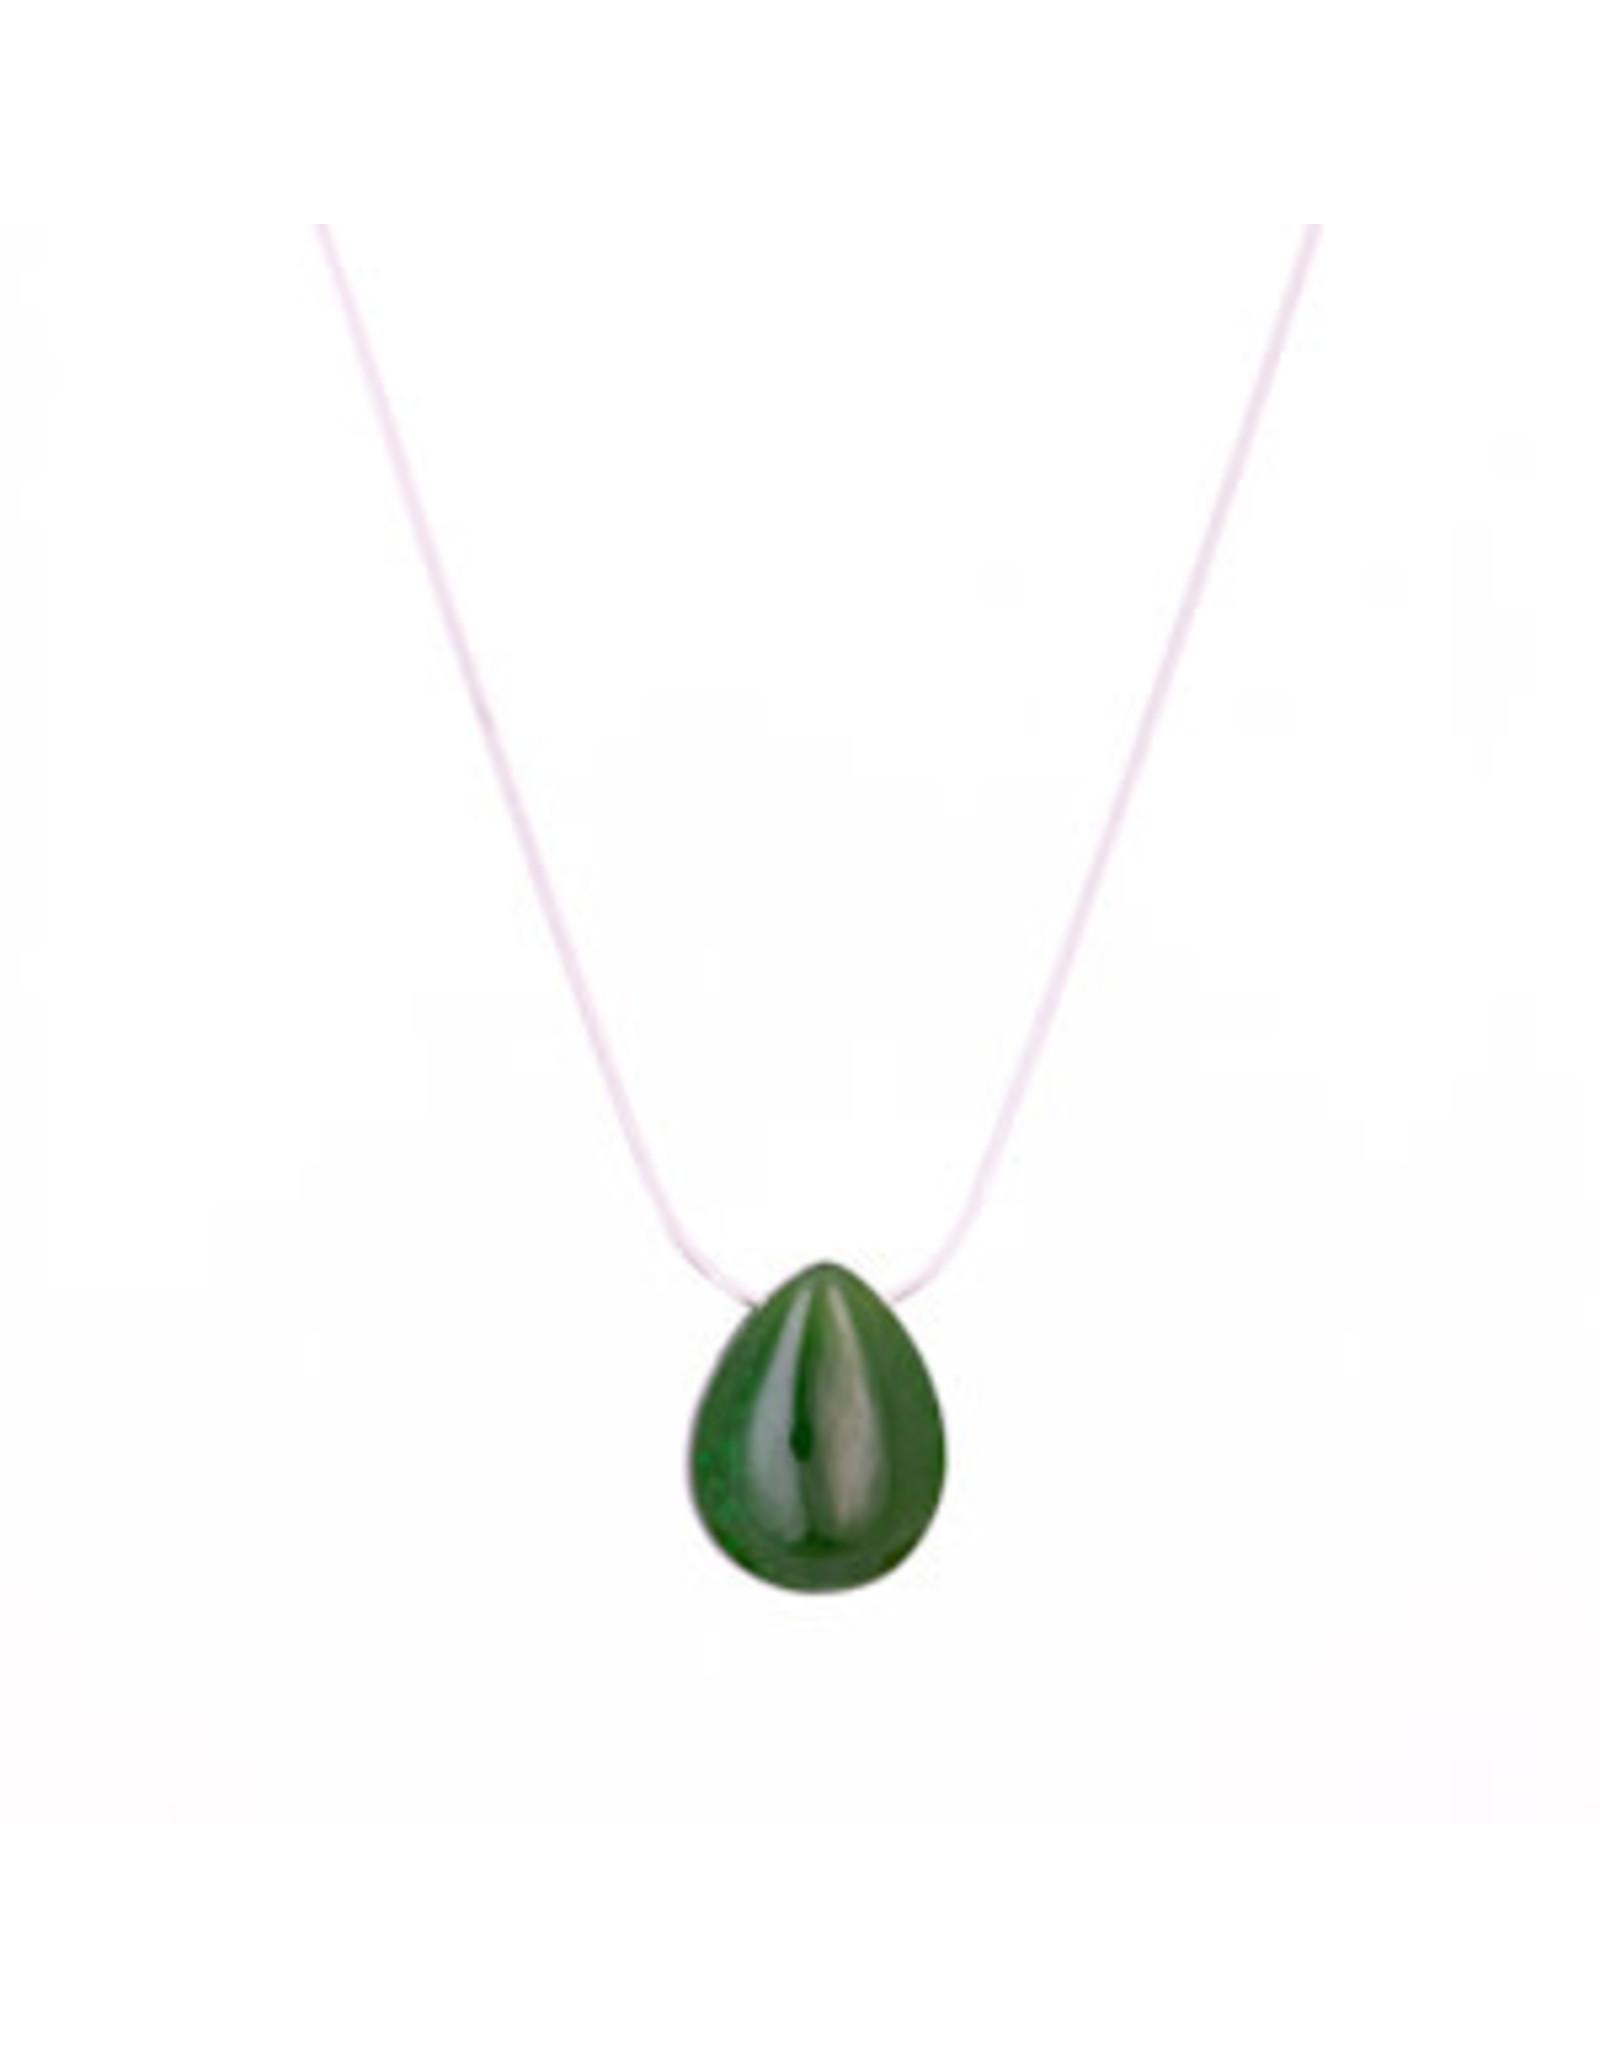 Jade Necklace - JPS126